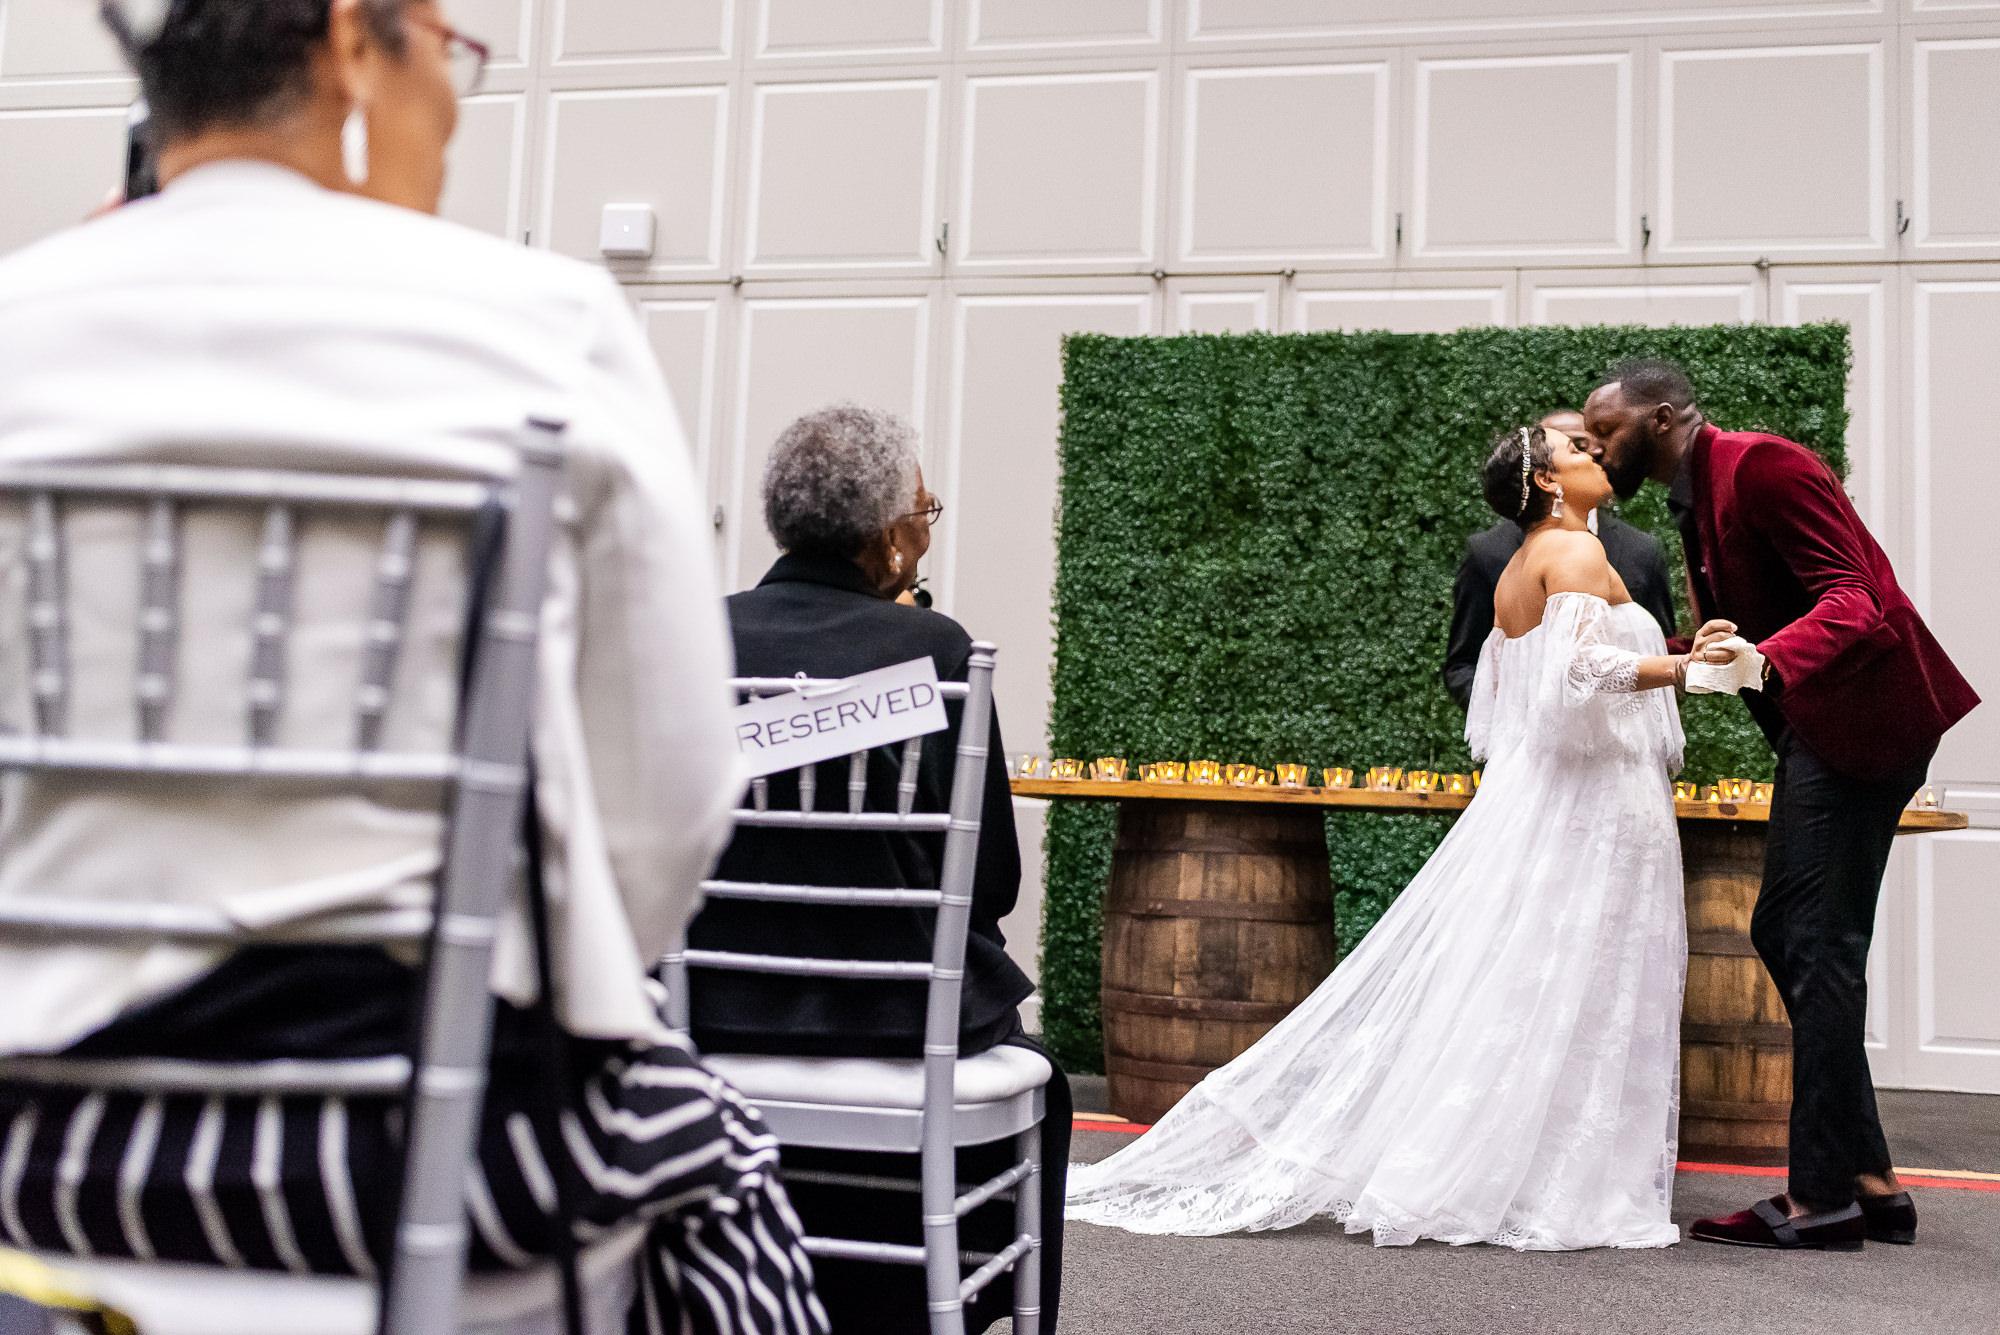 039-039-christopher-jason-studios-university-of-maryland-wedding-raheem-Devaughn-african-american-bride-and-groom.jpg